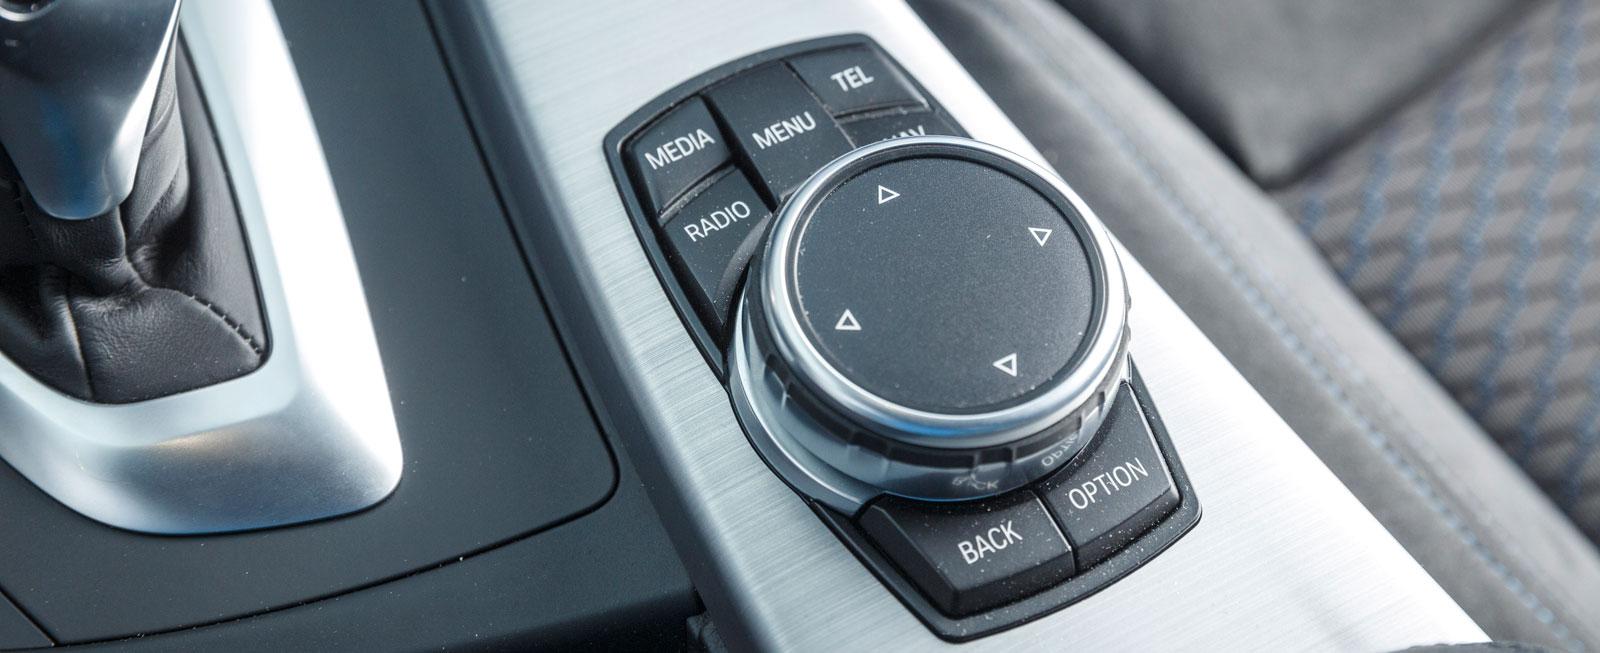 BMW:s vred för iDrive är omgivet av inte mindre än sju tryckknappar, mot två i Alfa Romeos motsvarighet. Några problem i hanteringen är det ändå inte.